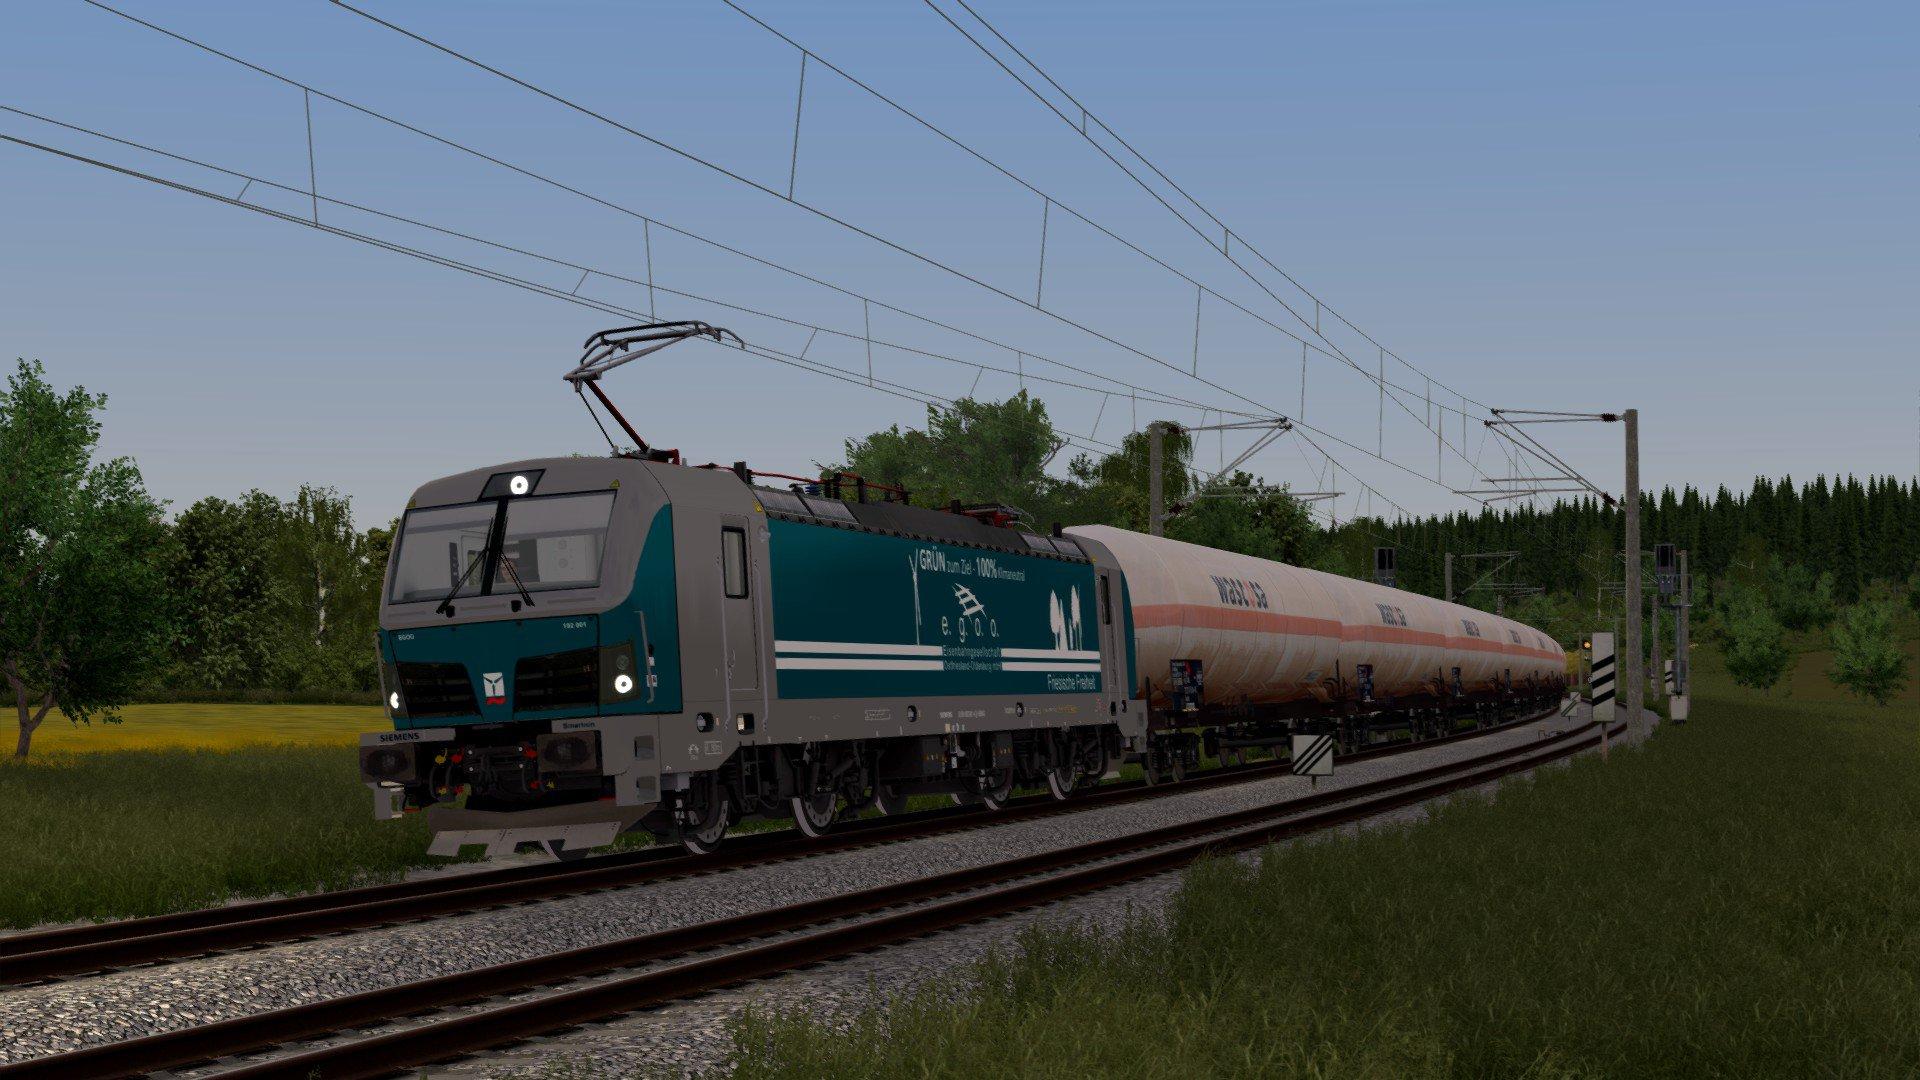 192 001 E.G.O.O. to Rostock